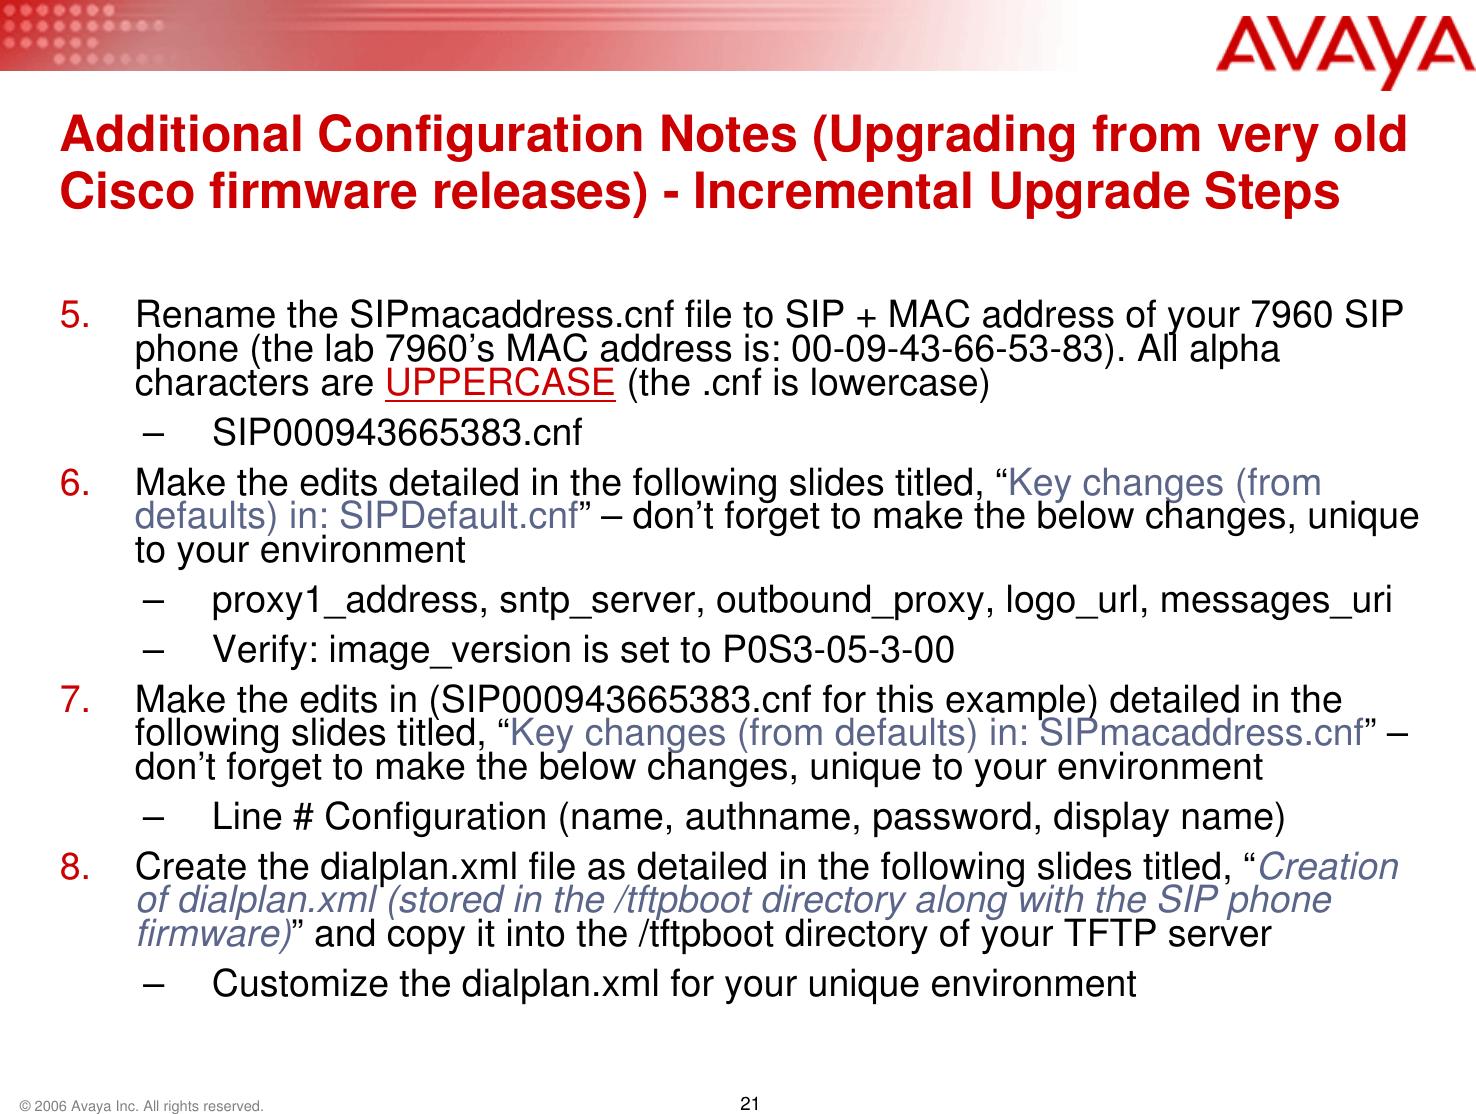 Belgacom 7940 Configuring A Cisco 7960/7940 SIP Phone For